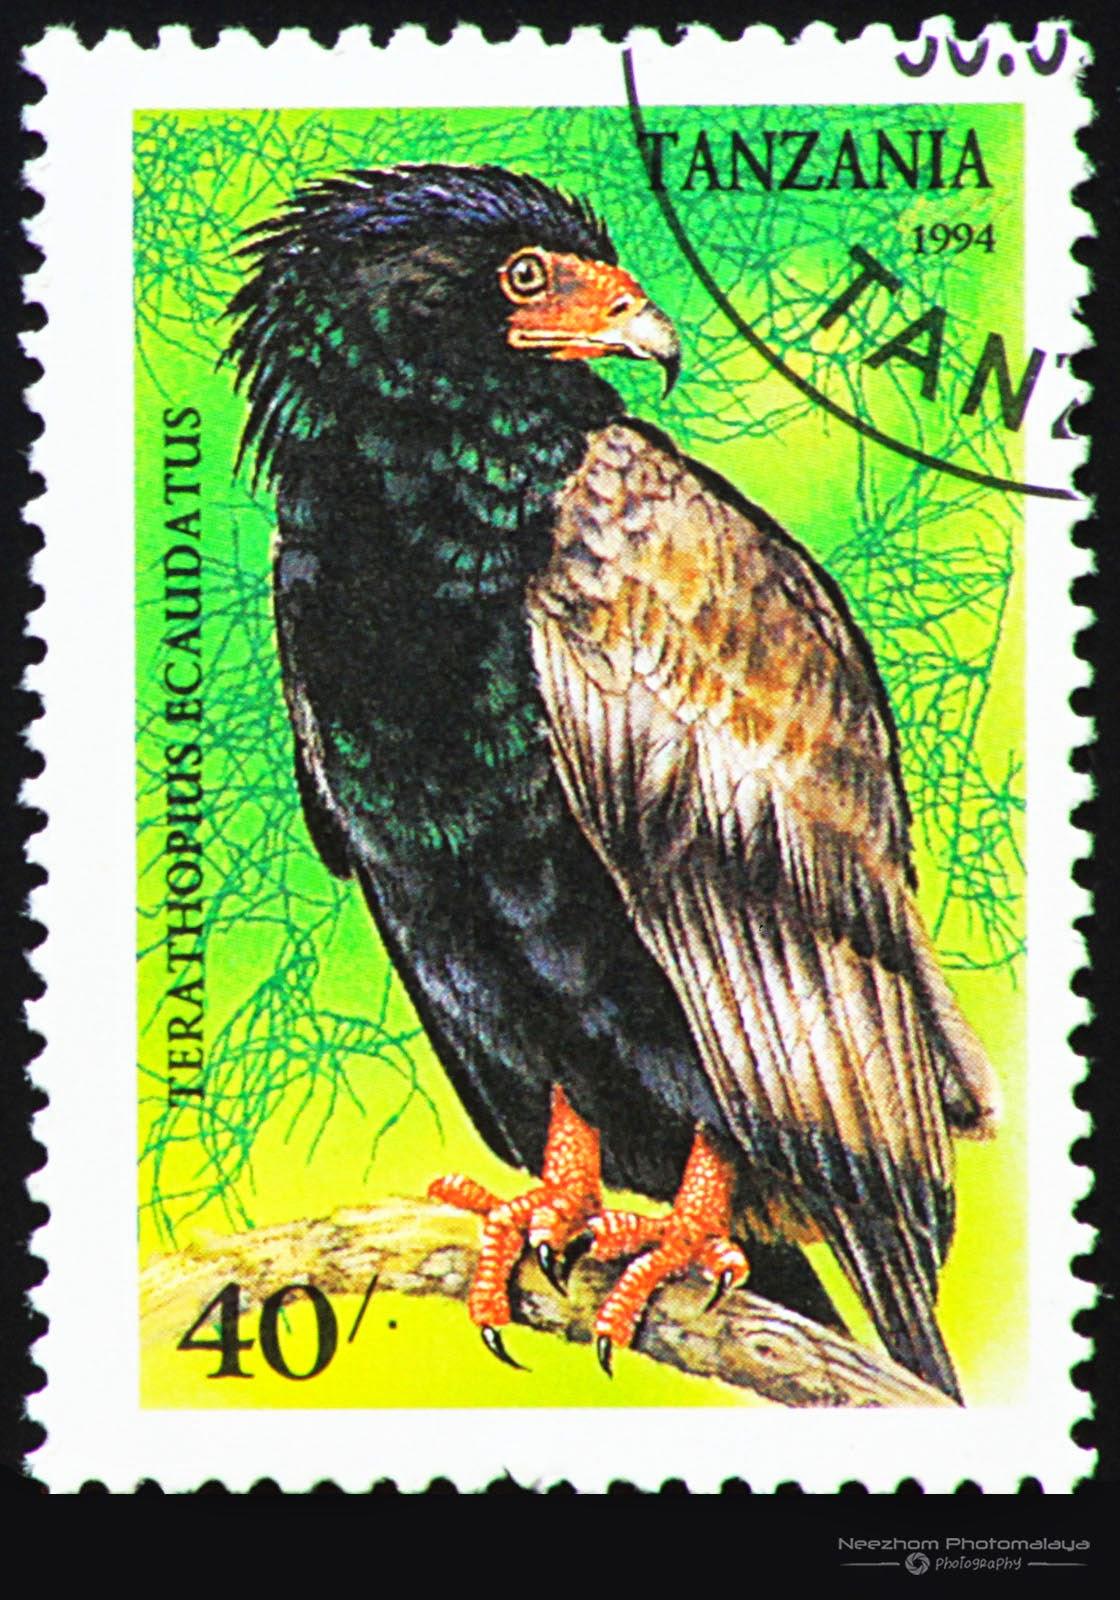 Tanzania 1994 Birds of Prey stamp - Bateleur (Terathopius Ecaudatus) 40 s